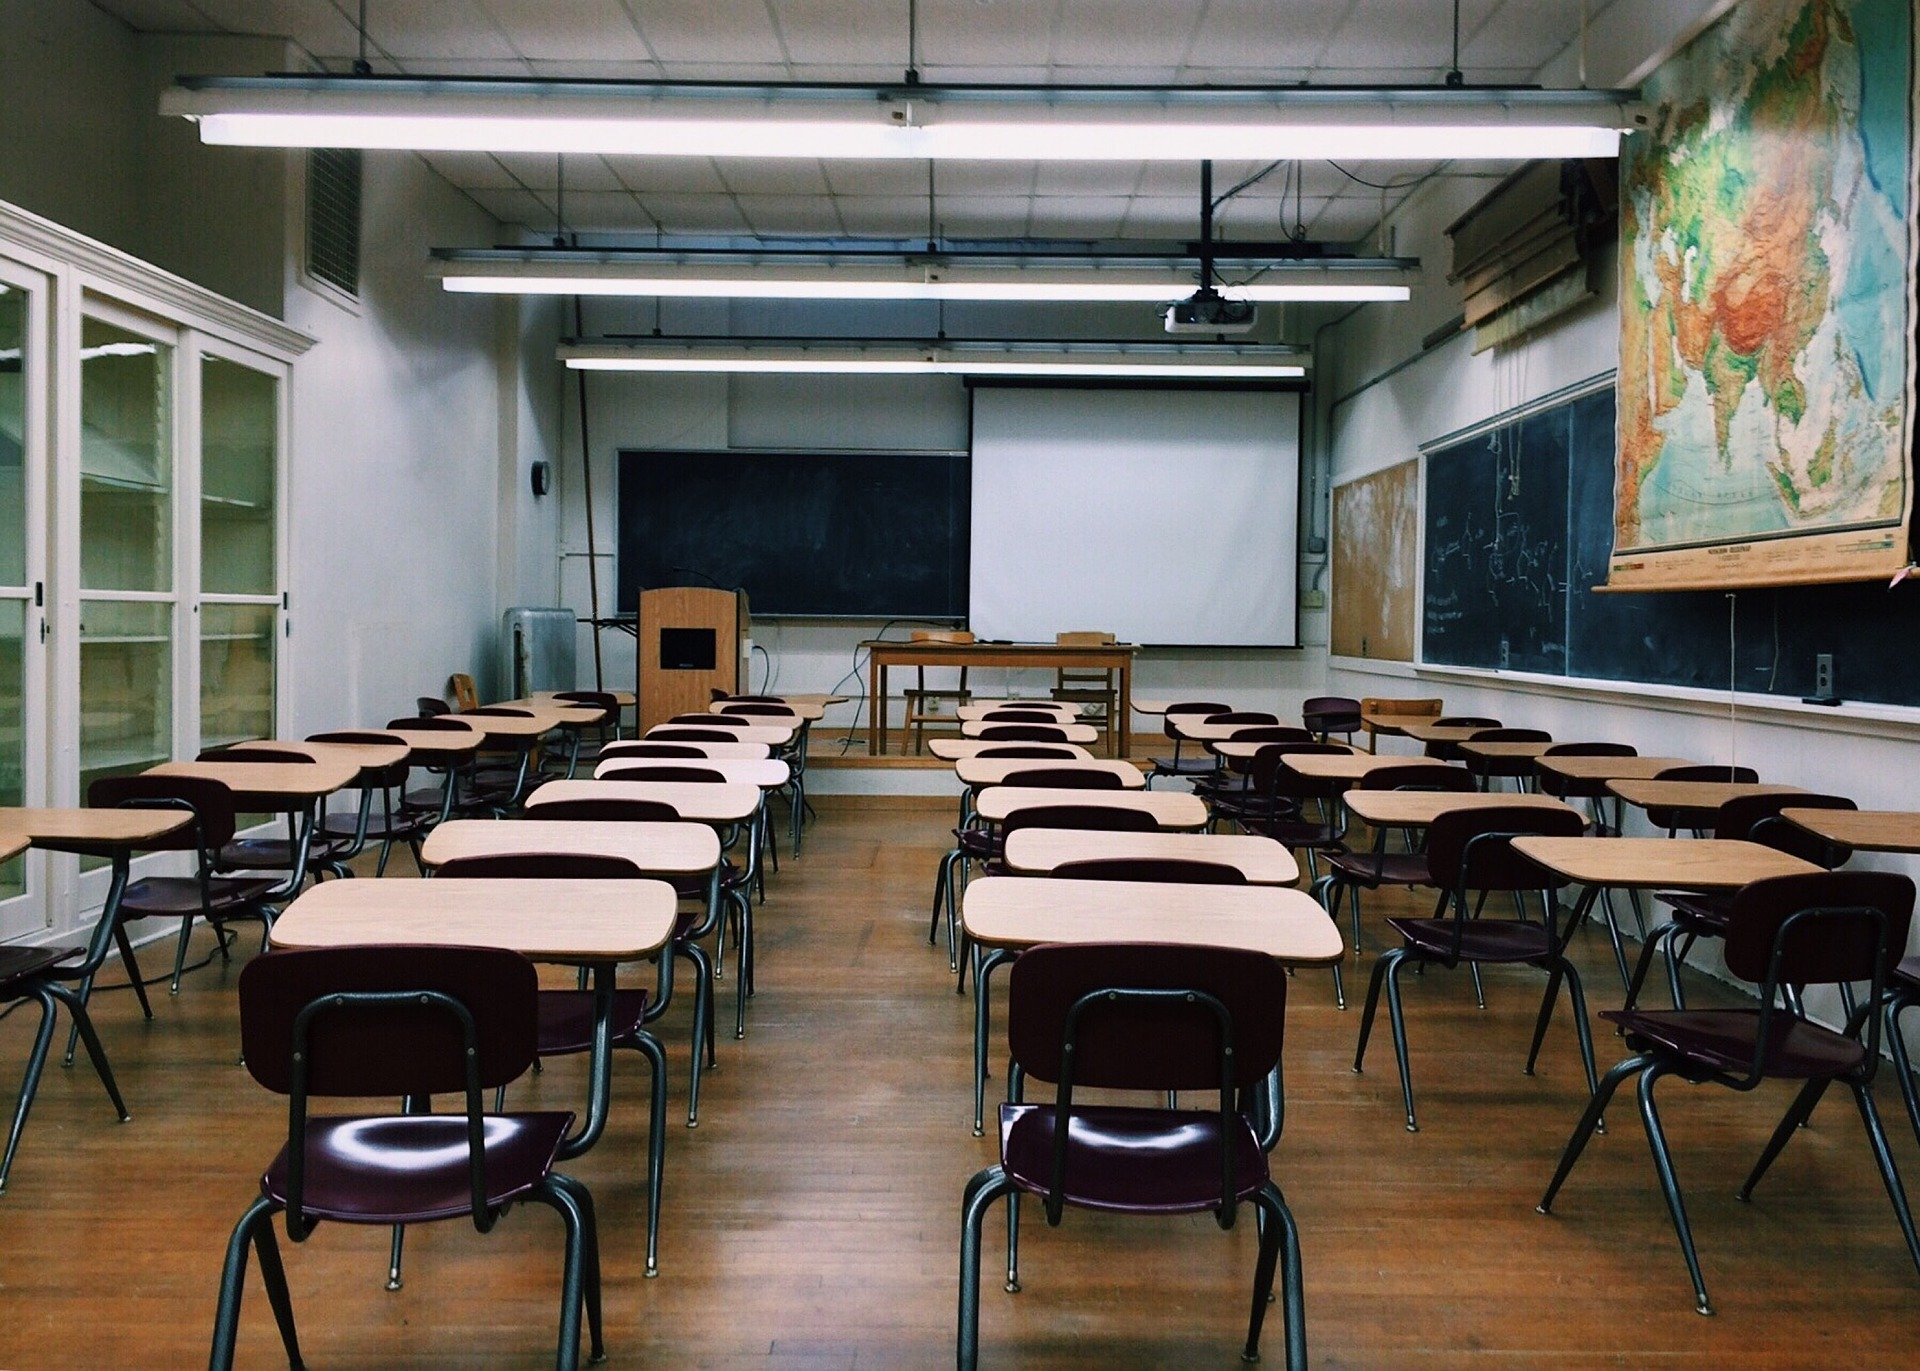 escuelas-privadas-cerraran-por-falta-de-alumnos-en-edomex3